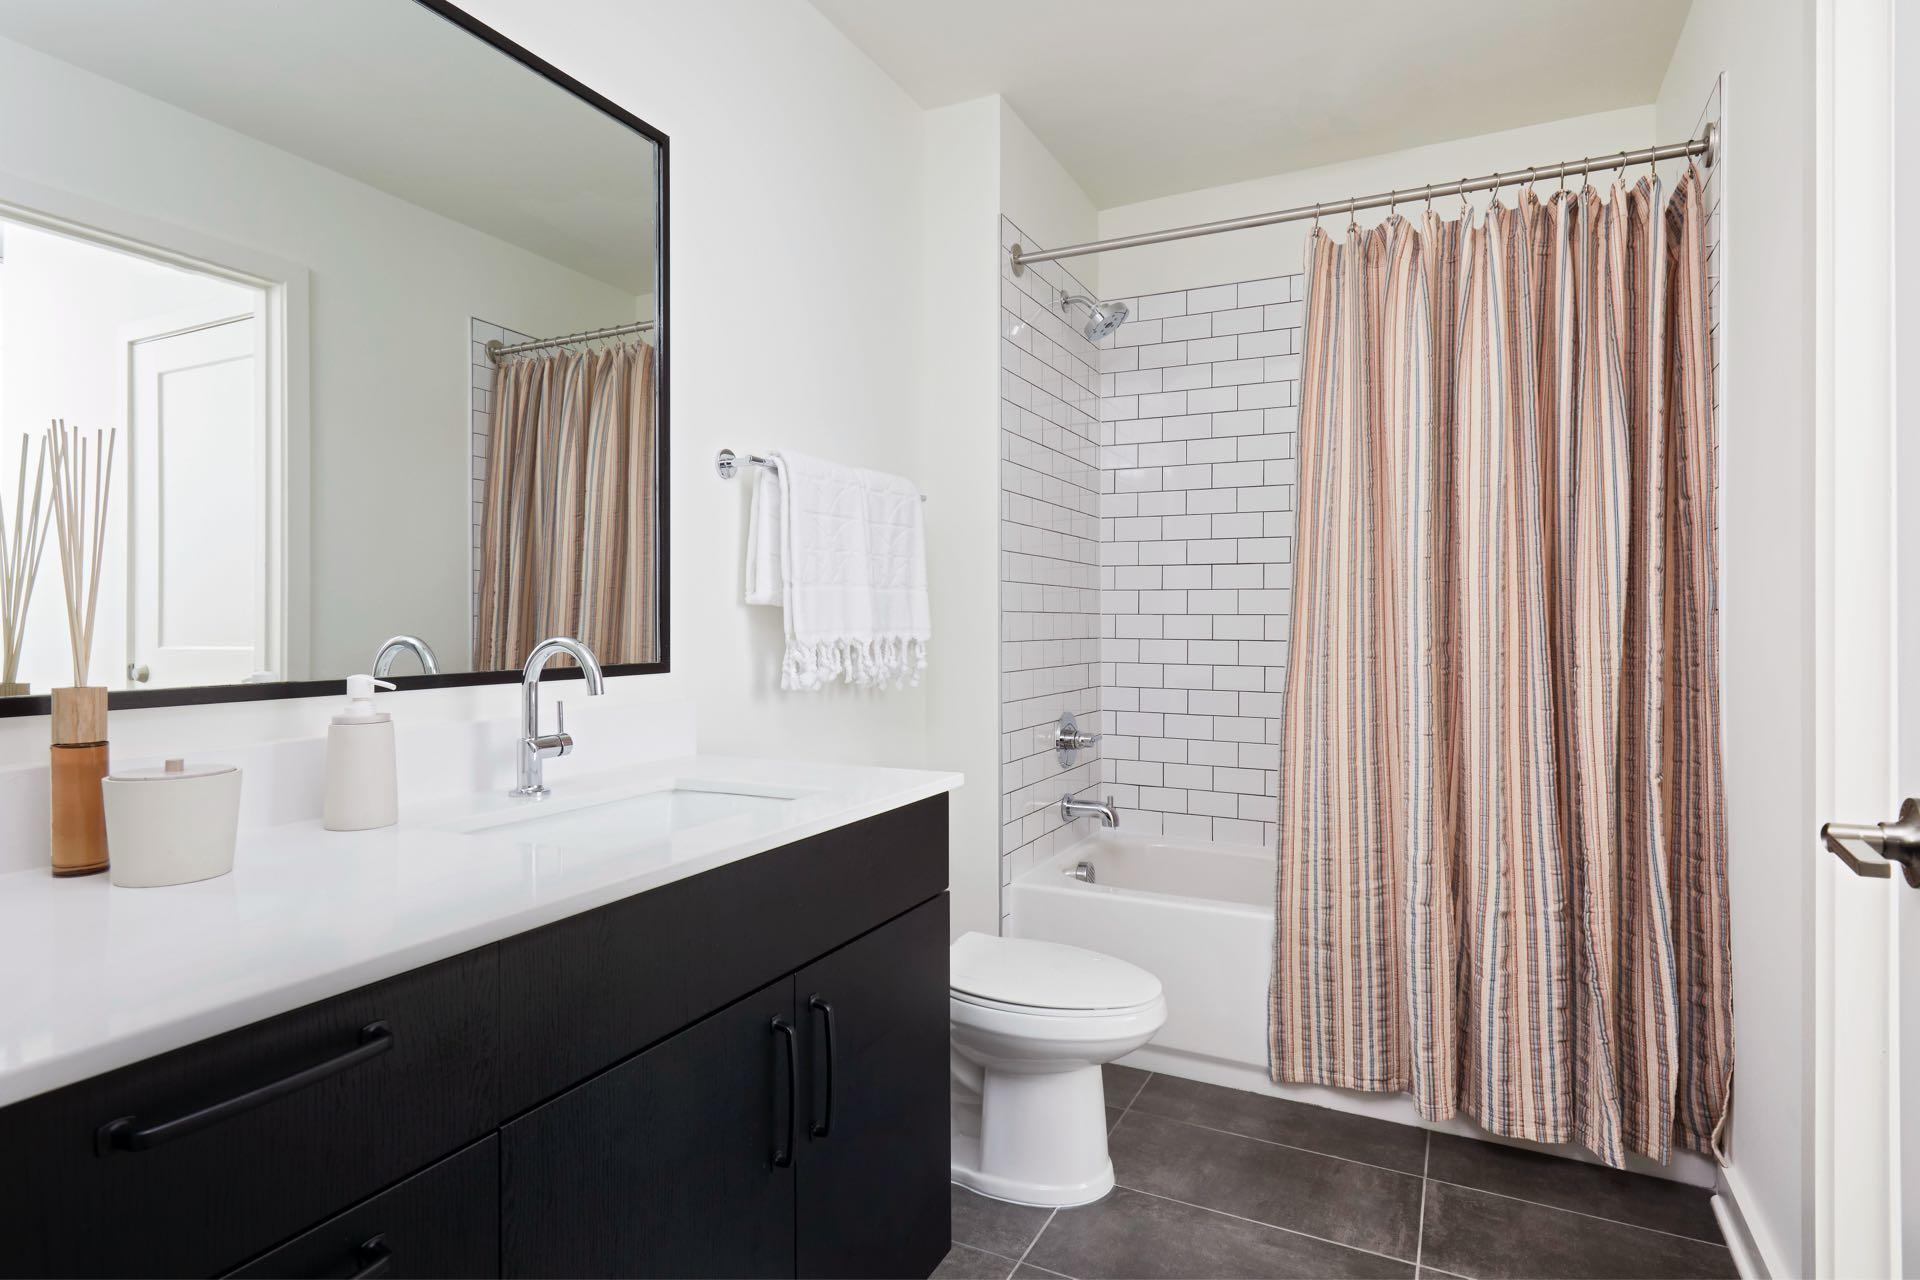 Model_Bathroom1_Dawkins